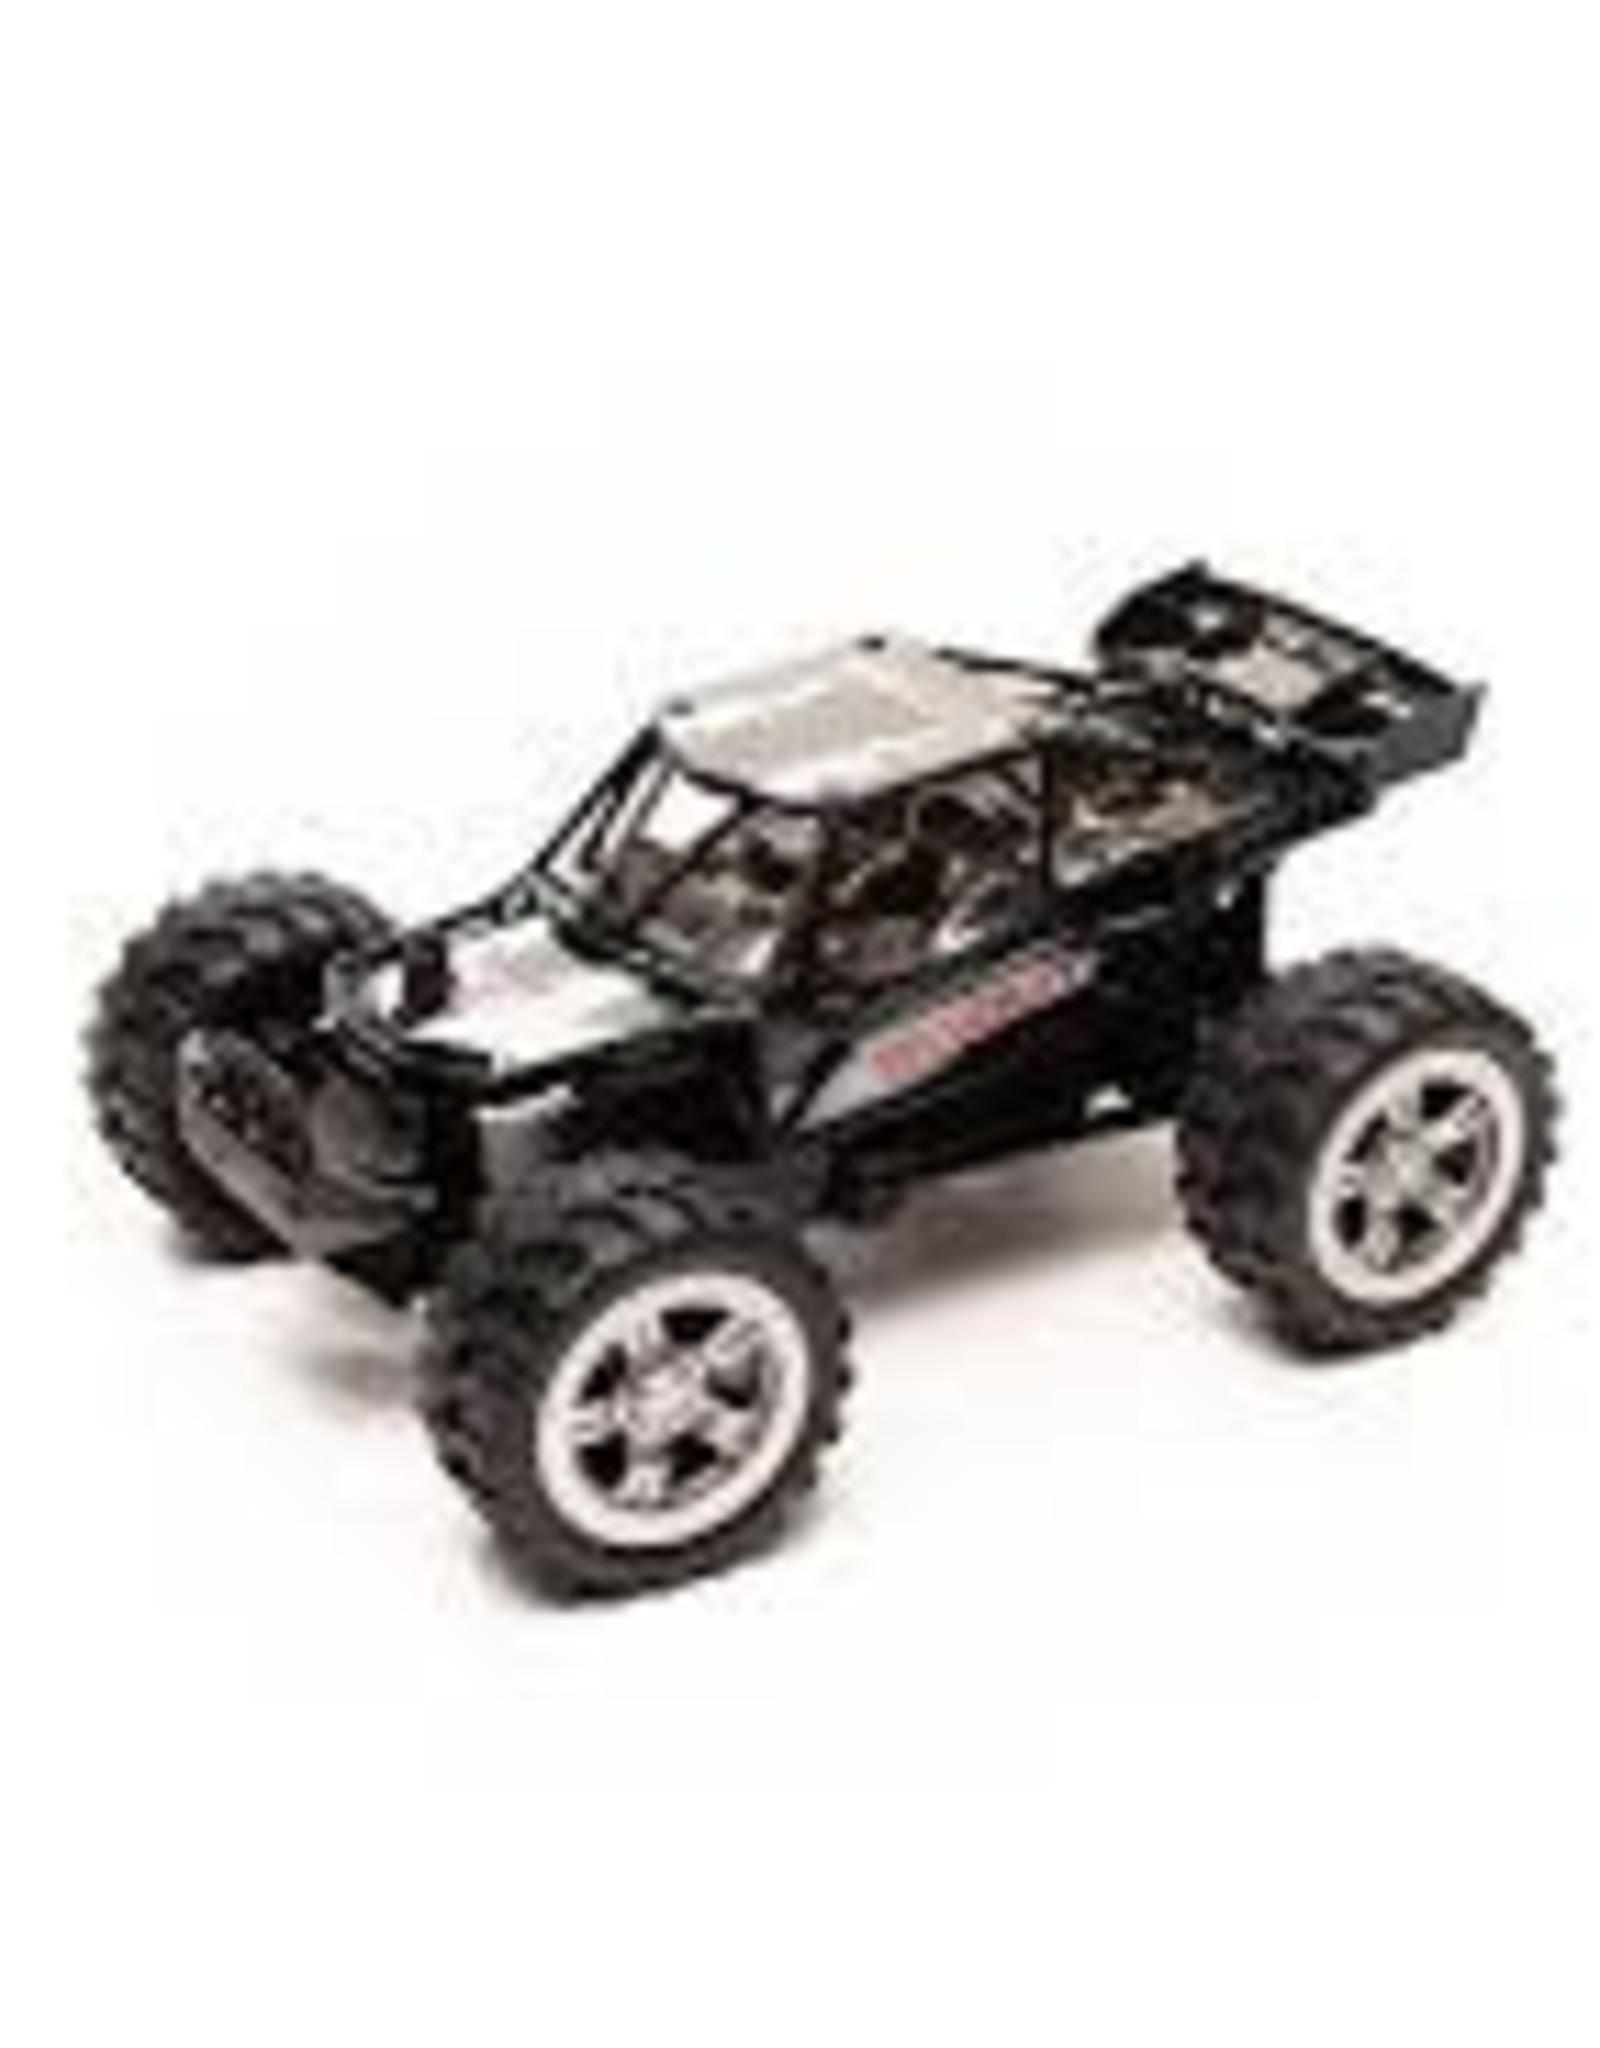 Lite Hawk Mini Scout car